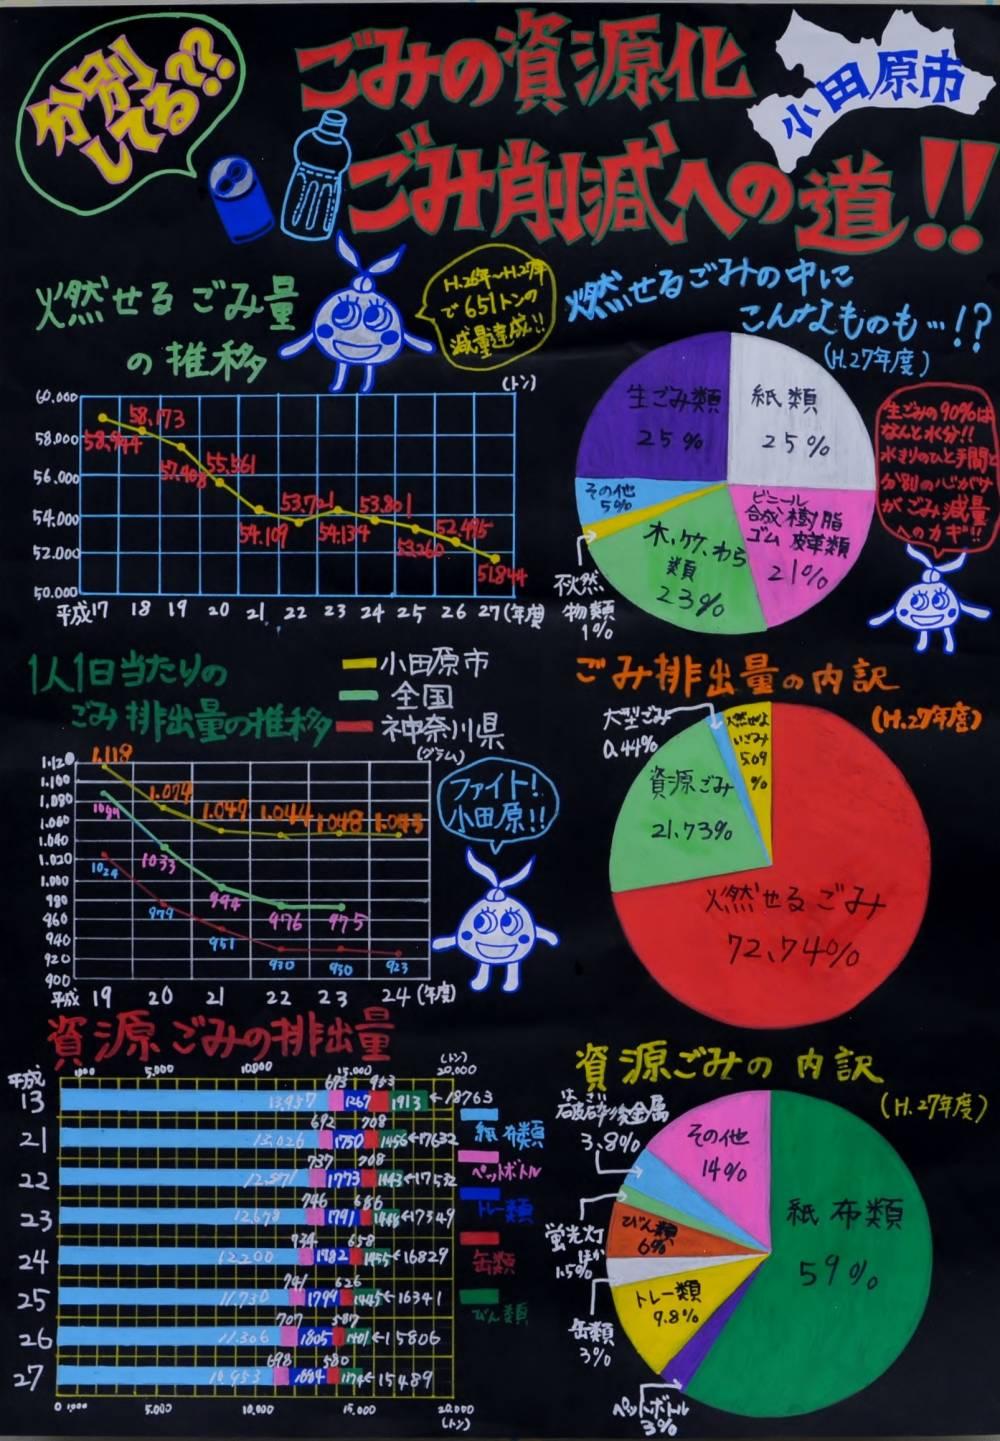 銅賞 「ごみの資源化・ごみ削減への道」 早川小学校 6年 八幡 大輝